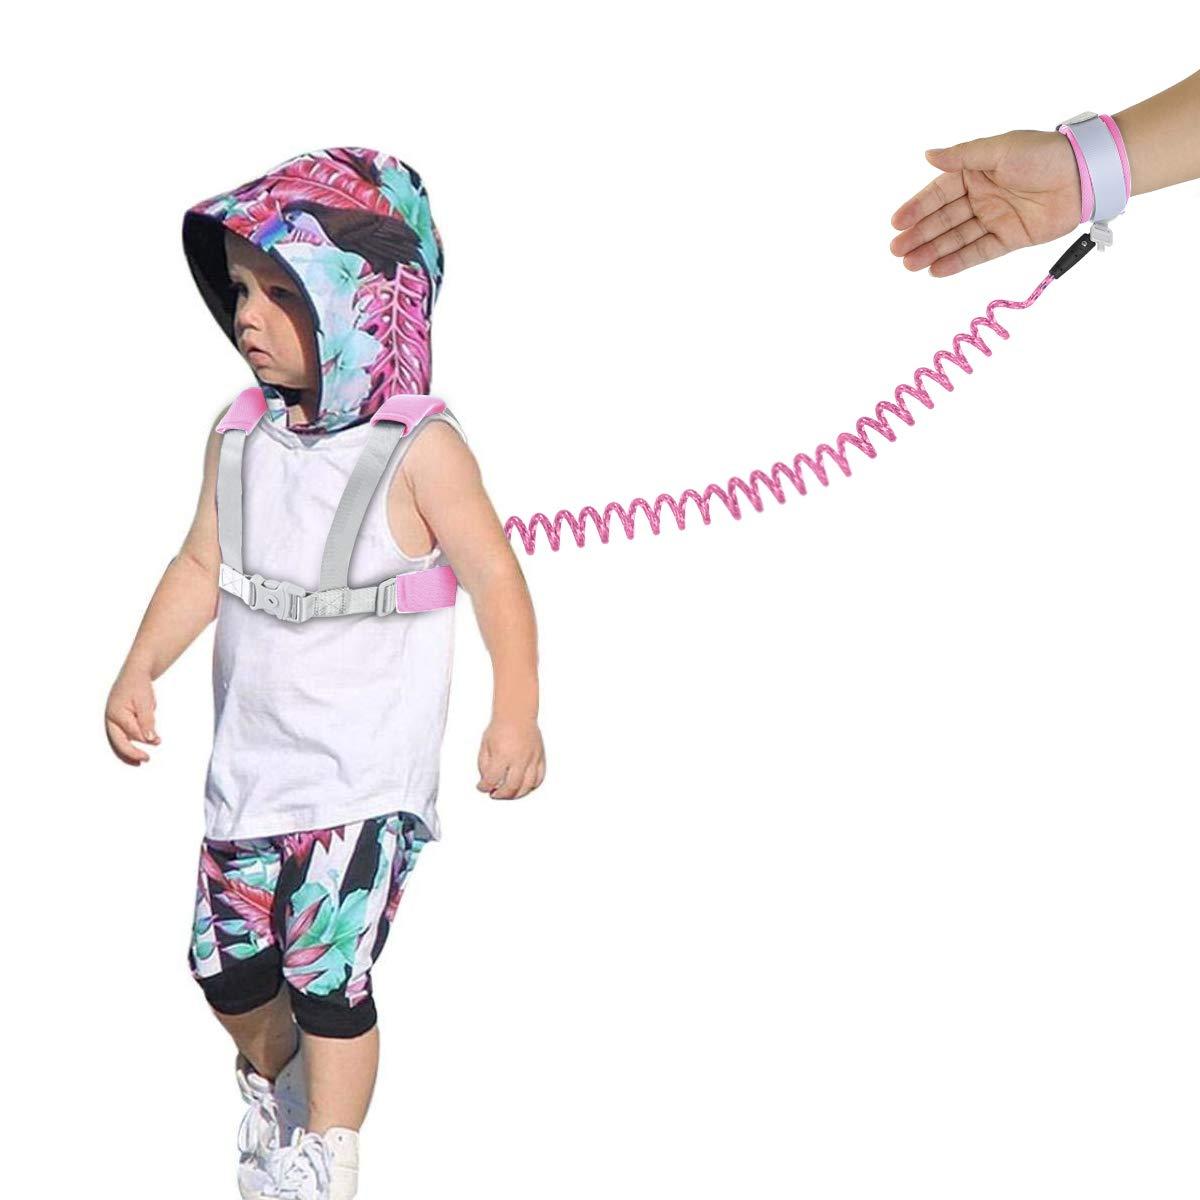 Rosa Sicherheitsarmband f/ür Kinder mit reflektierendem Band zum Laufen Anti-Verlust-Geschirr f/ür Babys Baby-Leine Yudanny Yudanny Handgelenkschlaufe f/ür Kleinkinder